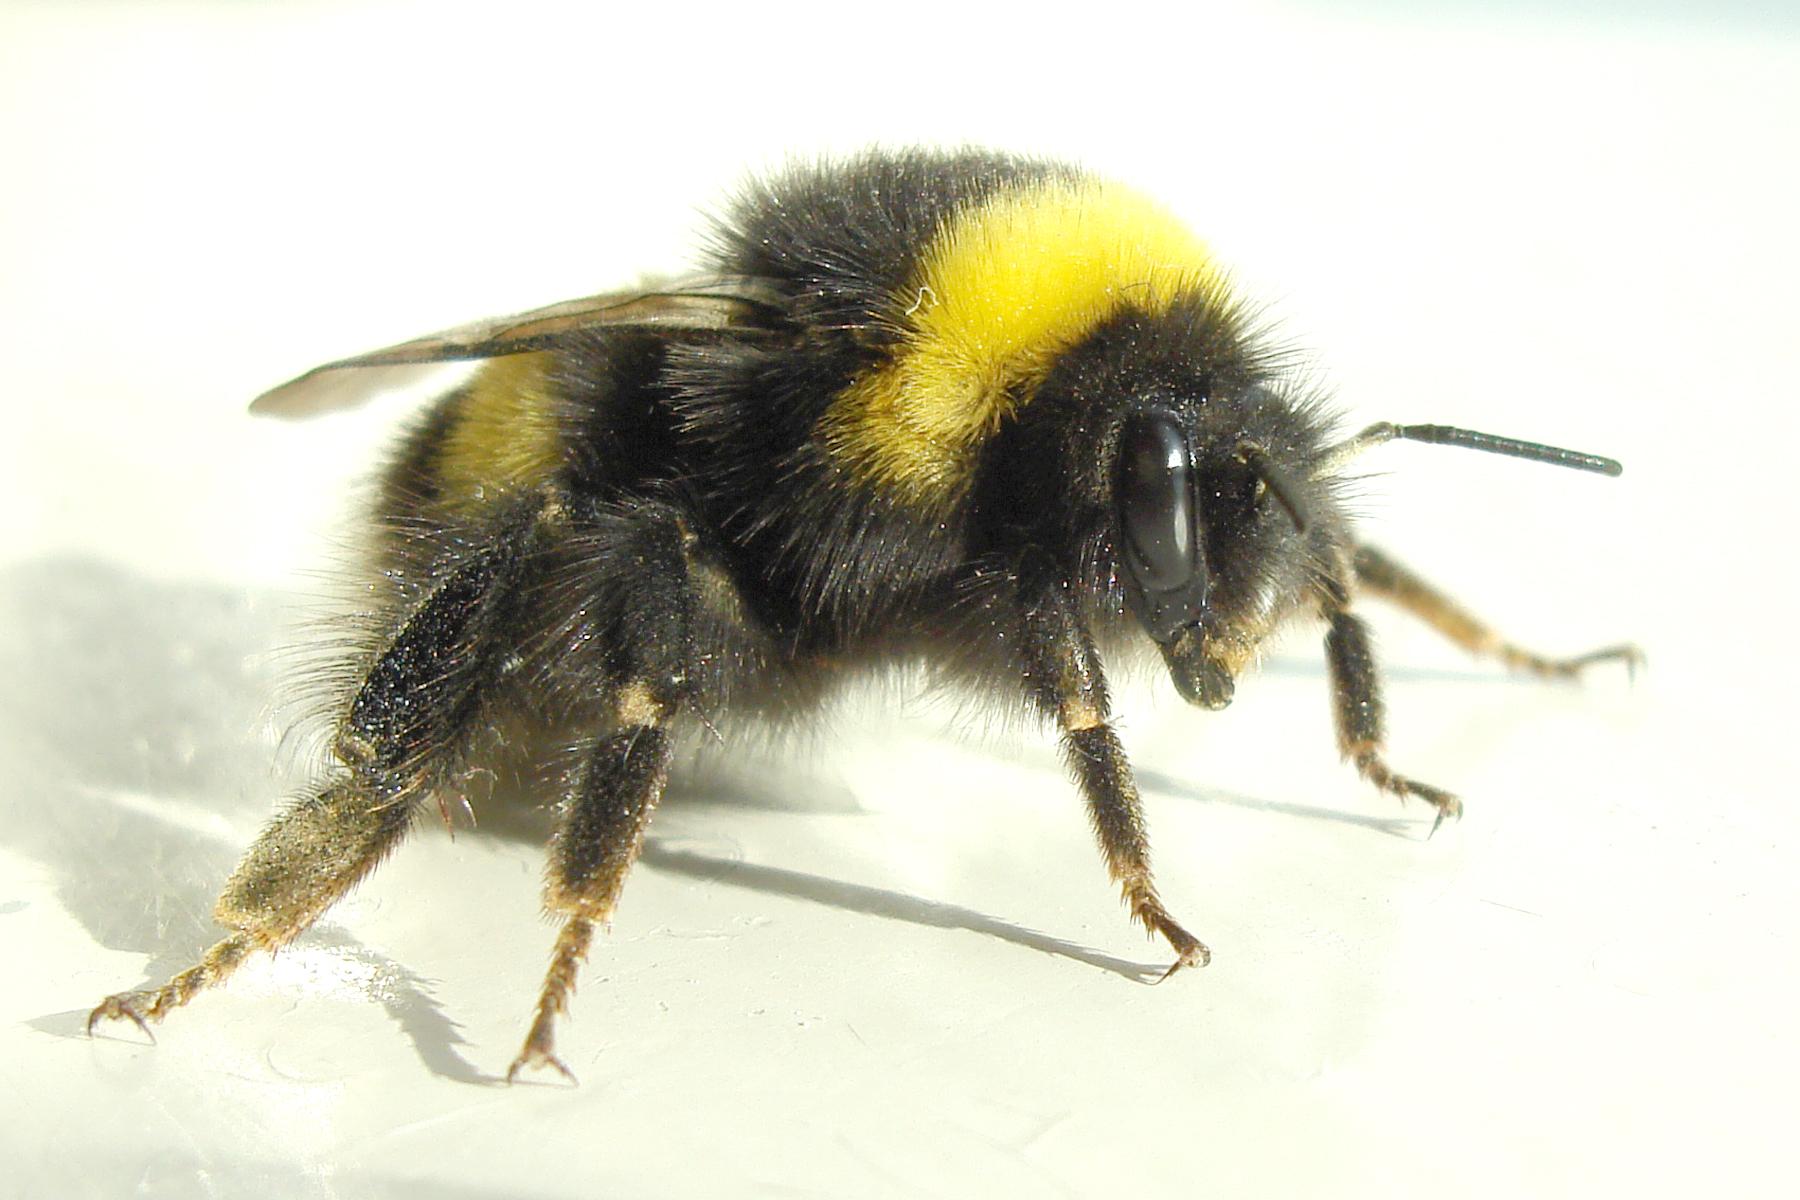 [Image: Bumblebee_2007-04-19.jpg]